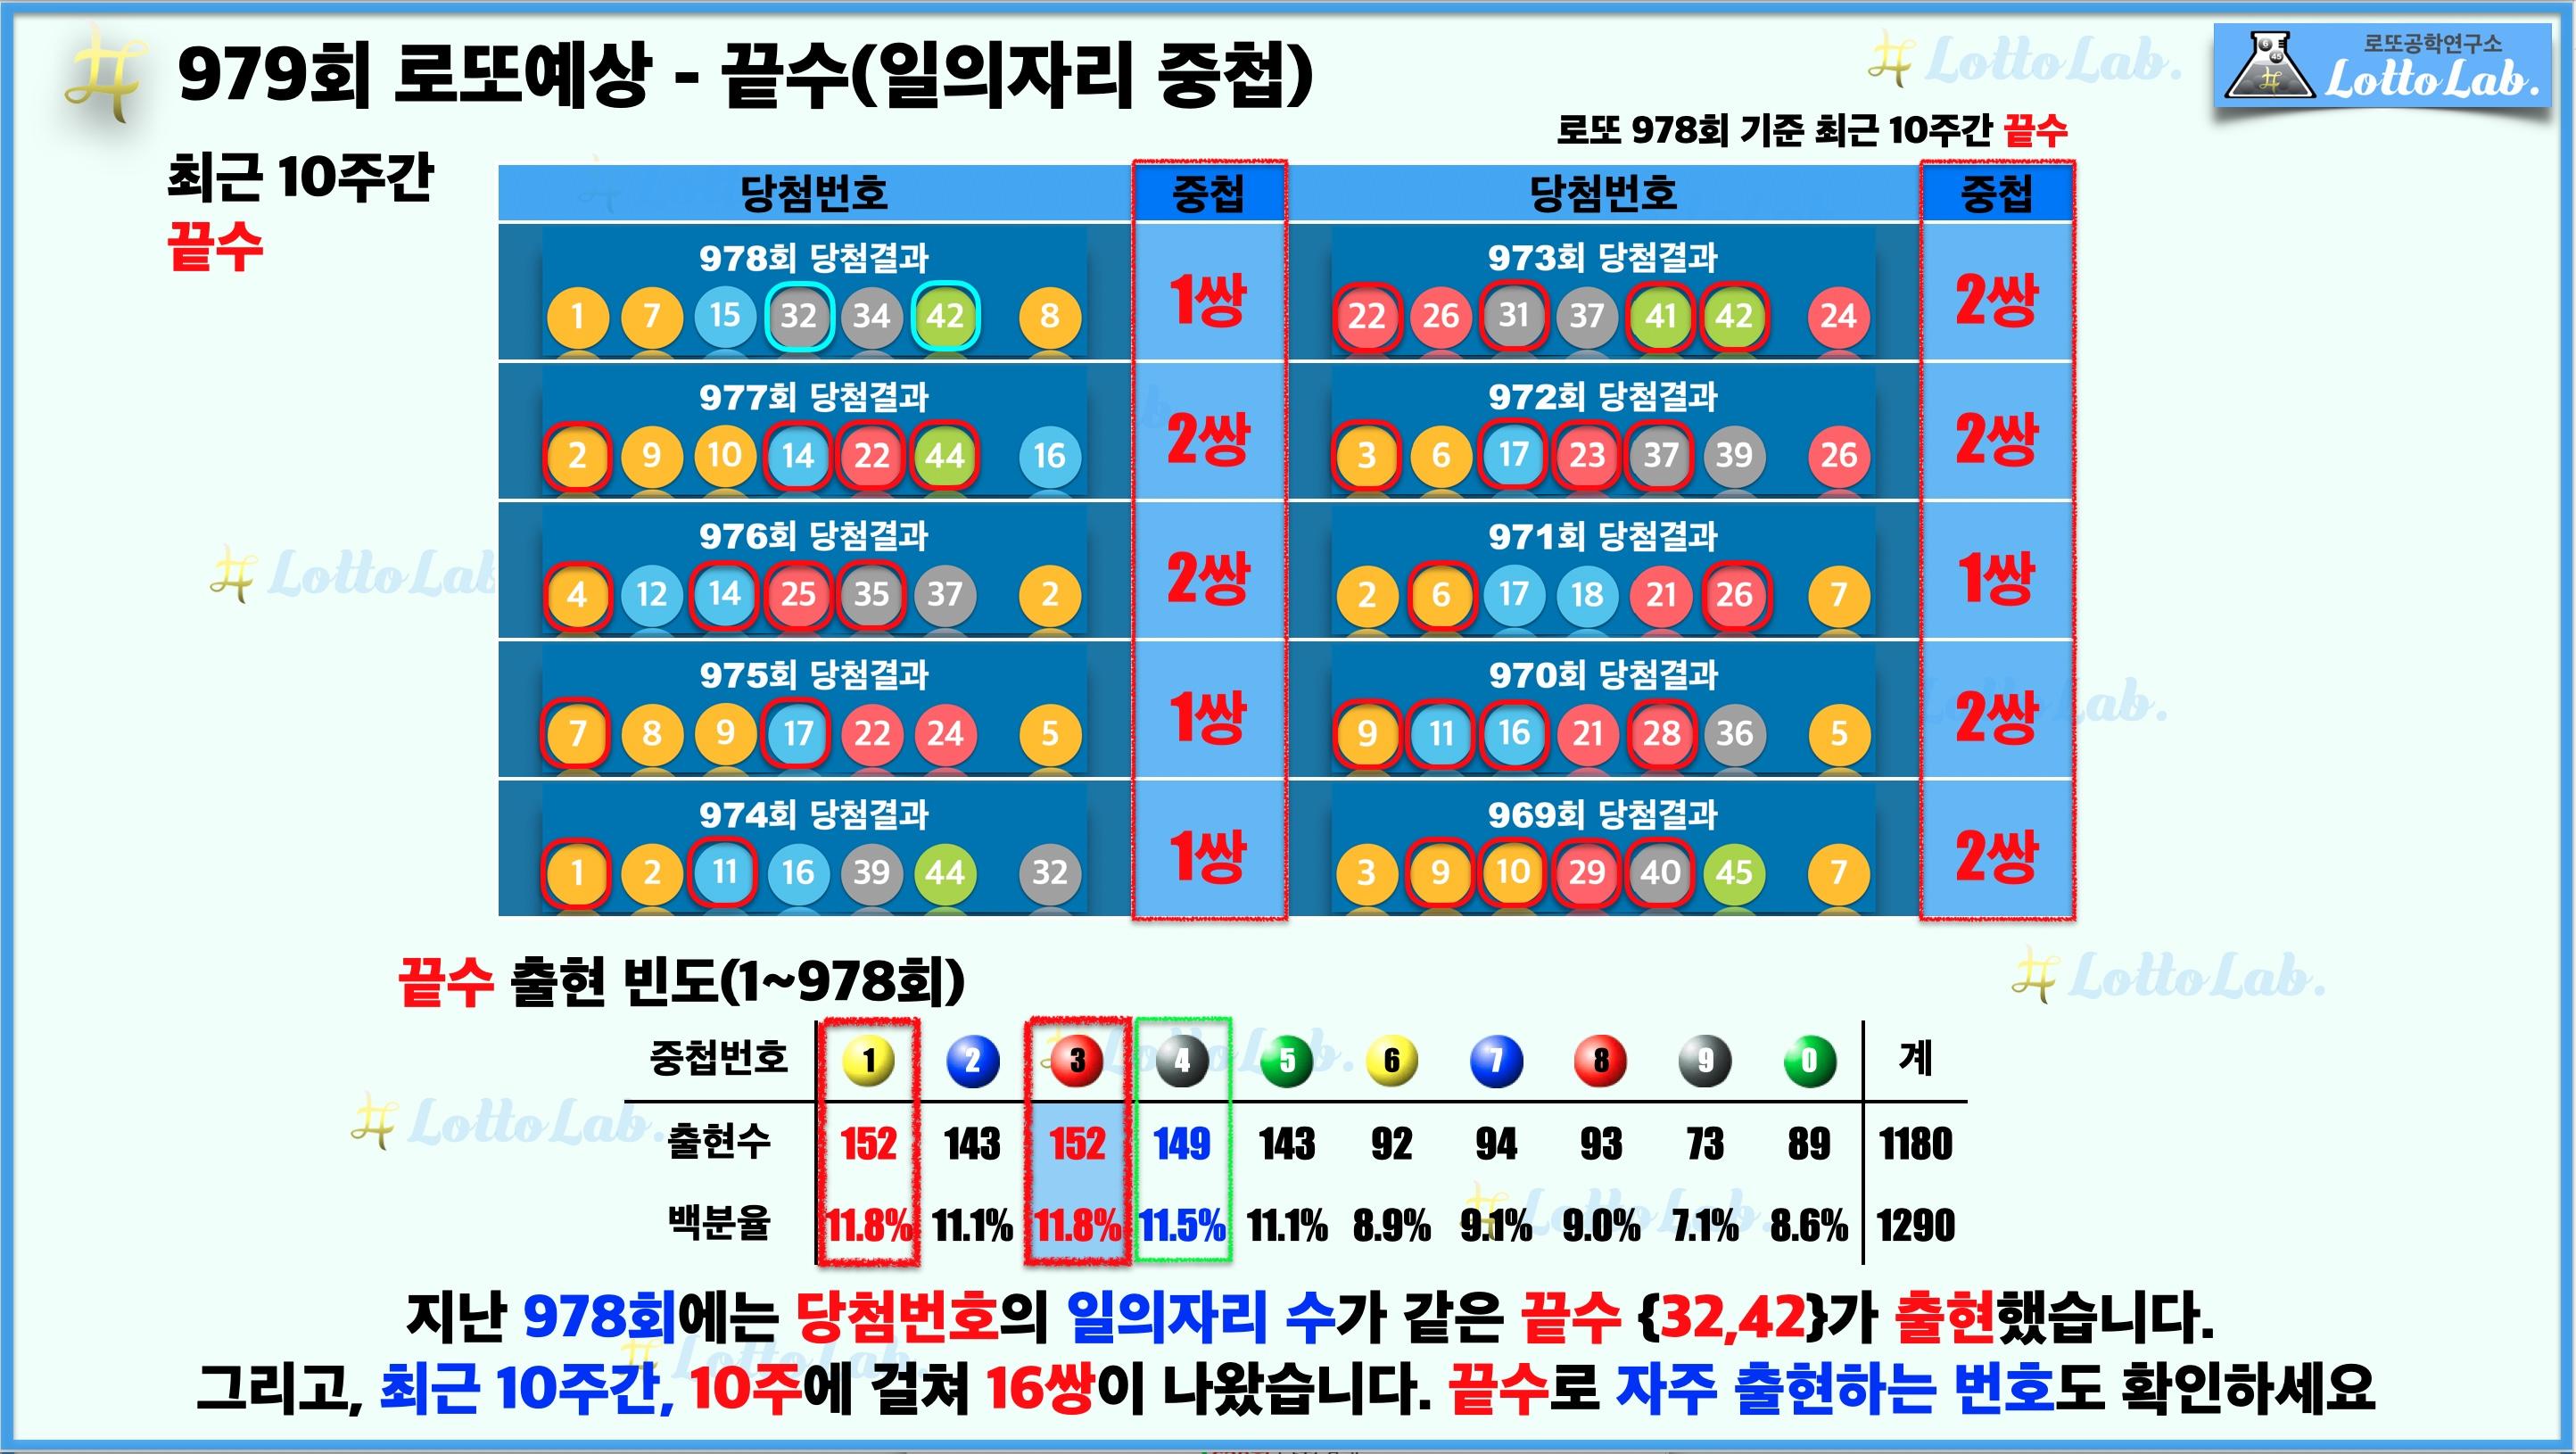 로또랩 로또979 당첨 번호 예상 - 끝수